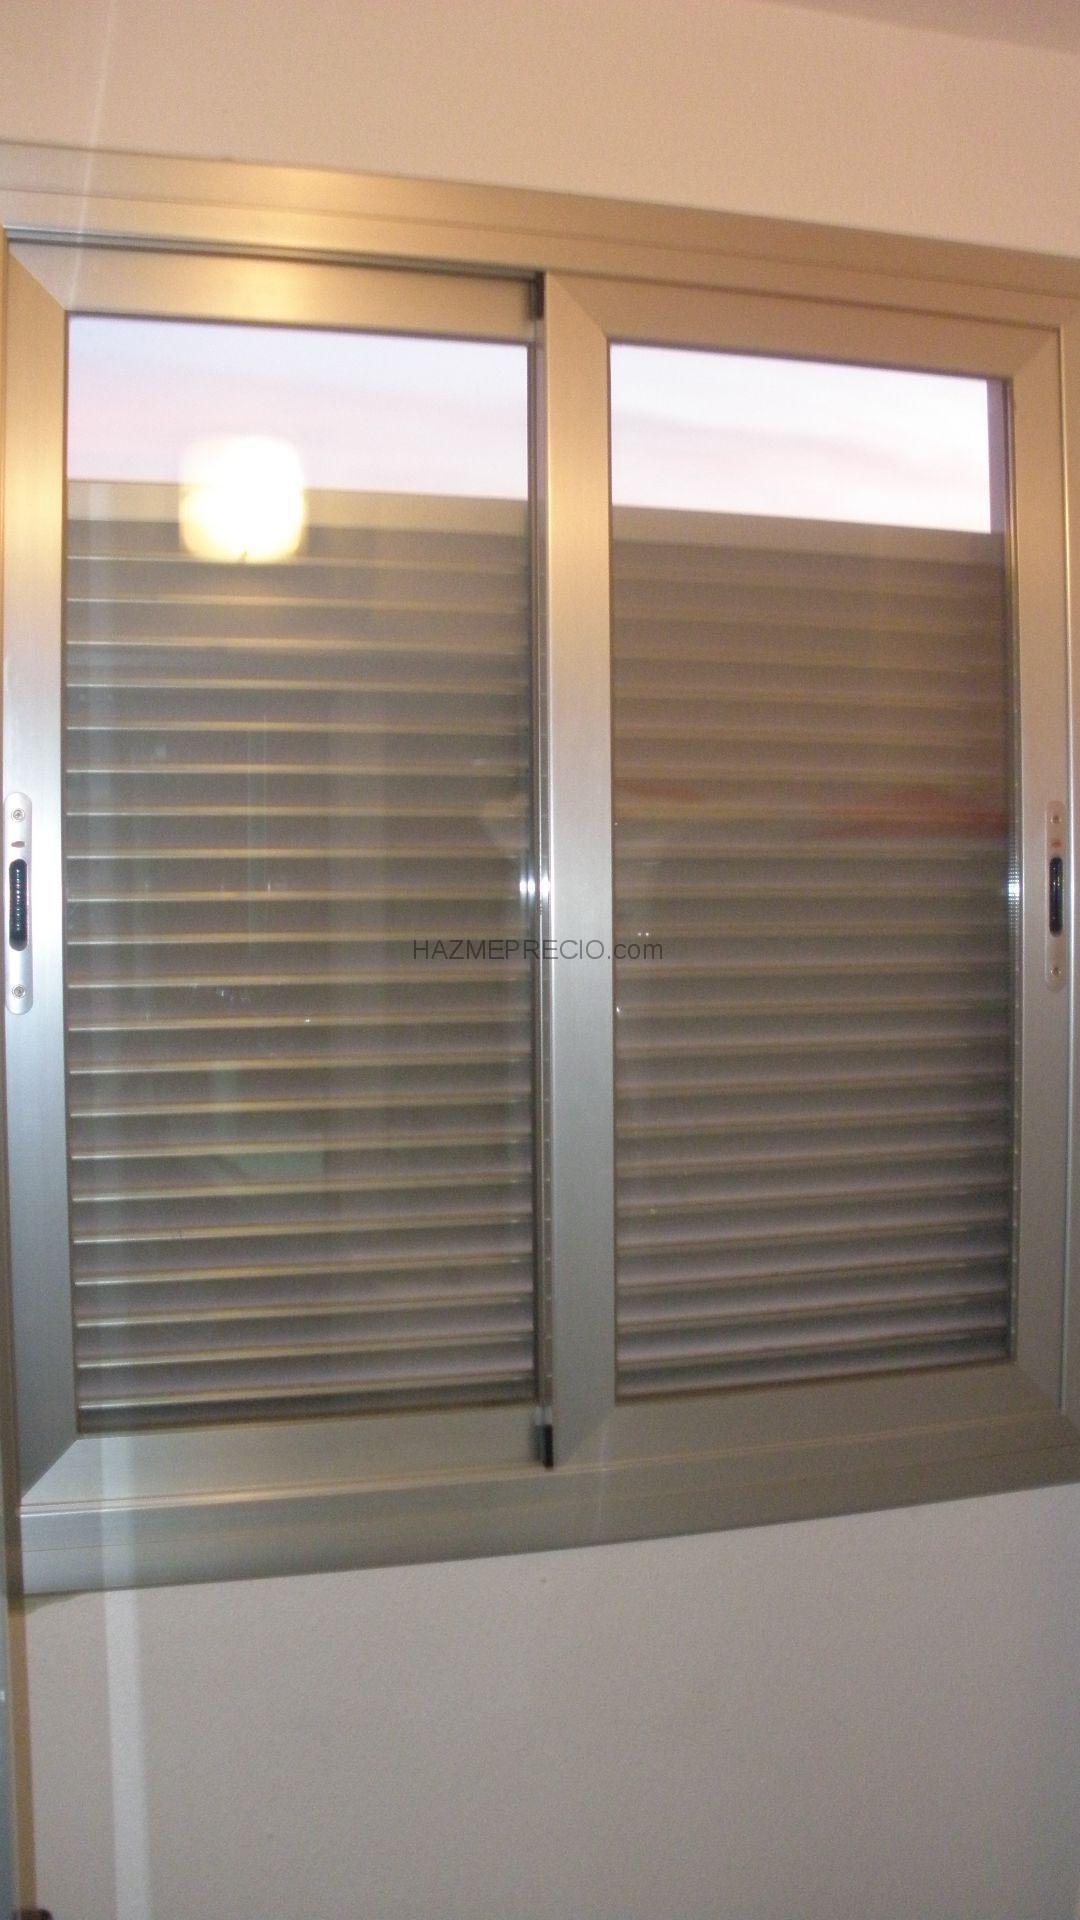 Presupuesto para poner ventanas fijas lisas con cristal for Precio poner ventanas aluminio